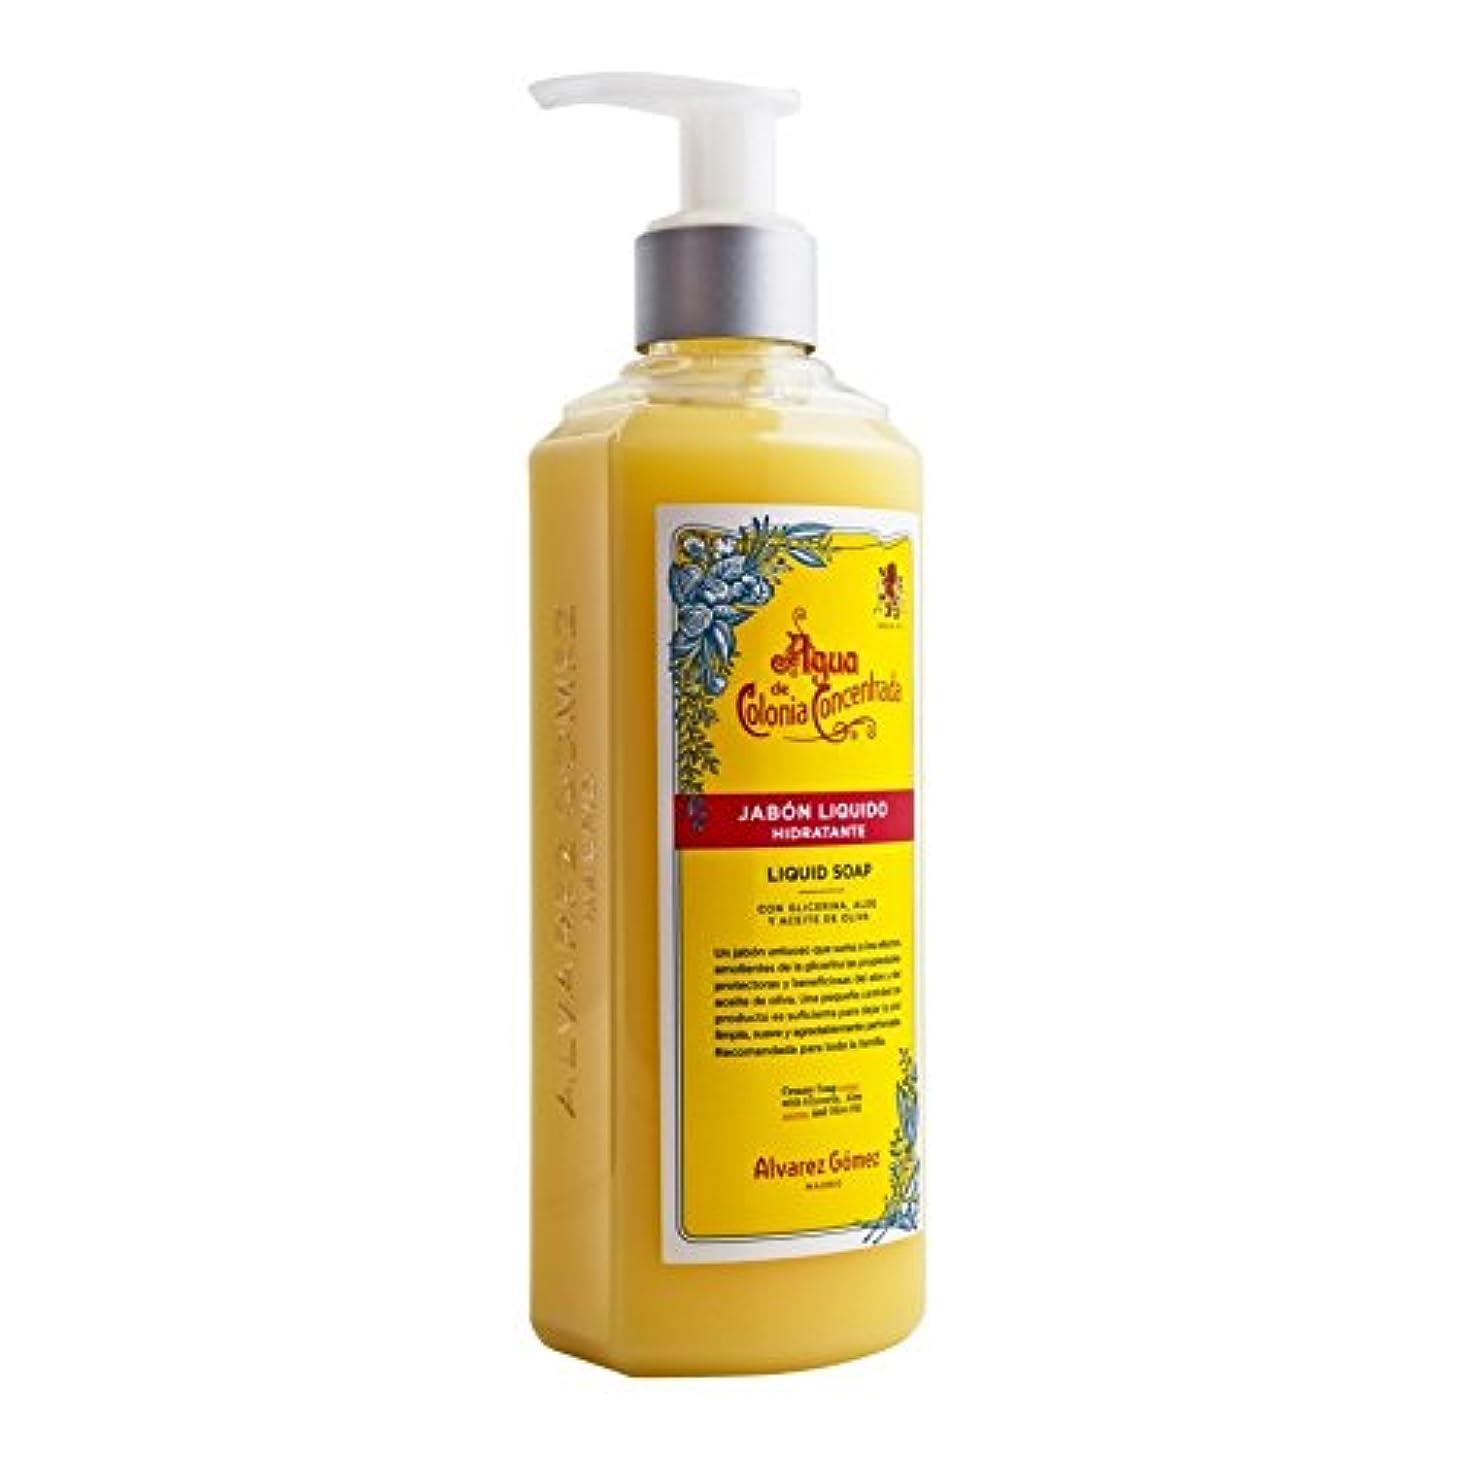 乱暴な追い越すイディオム?lvarez G?mez Agua de Colonia Concentrada Liquid Soap 300ml - アルバレスゴメスアグアデコロニ液体石鹸300ミリリットル [並行輸入品]